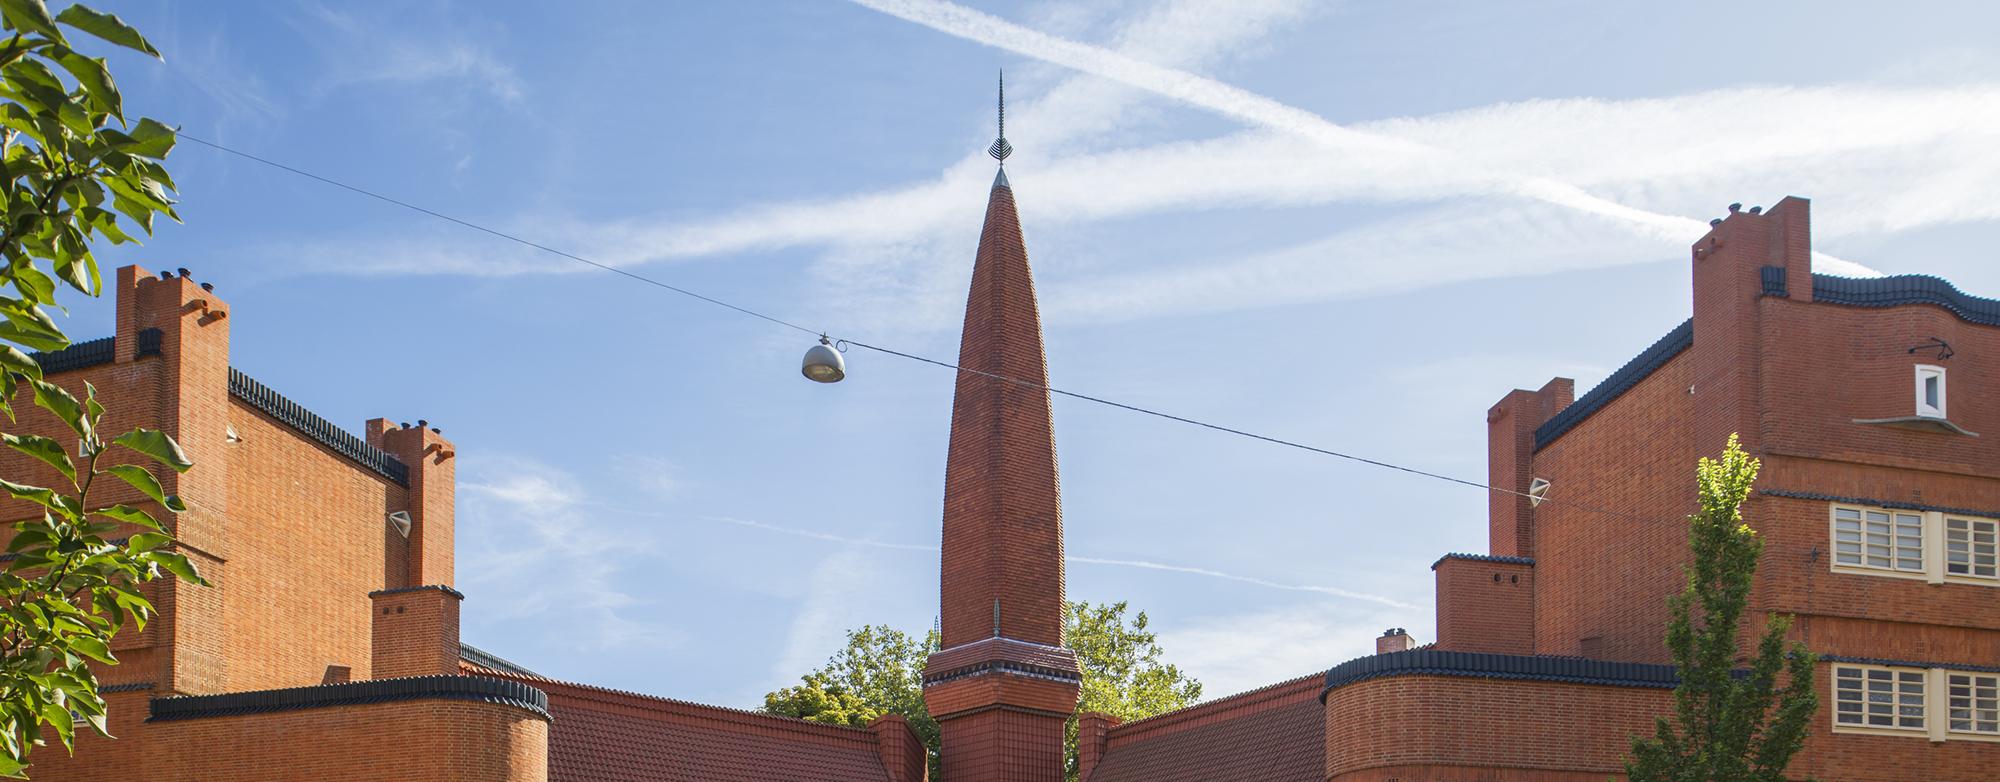 Het Schip Amsterdam   Michel De Klerk   Monumenten fotograaf